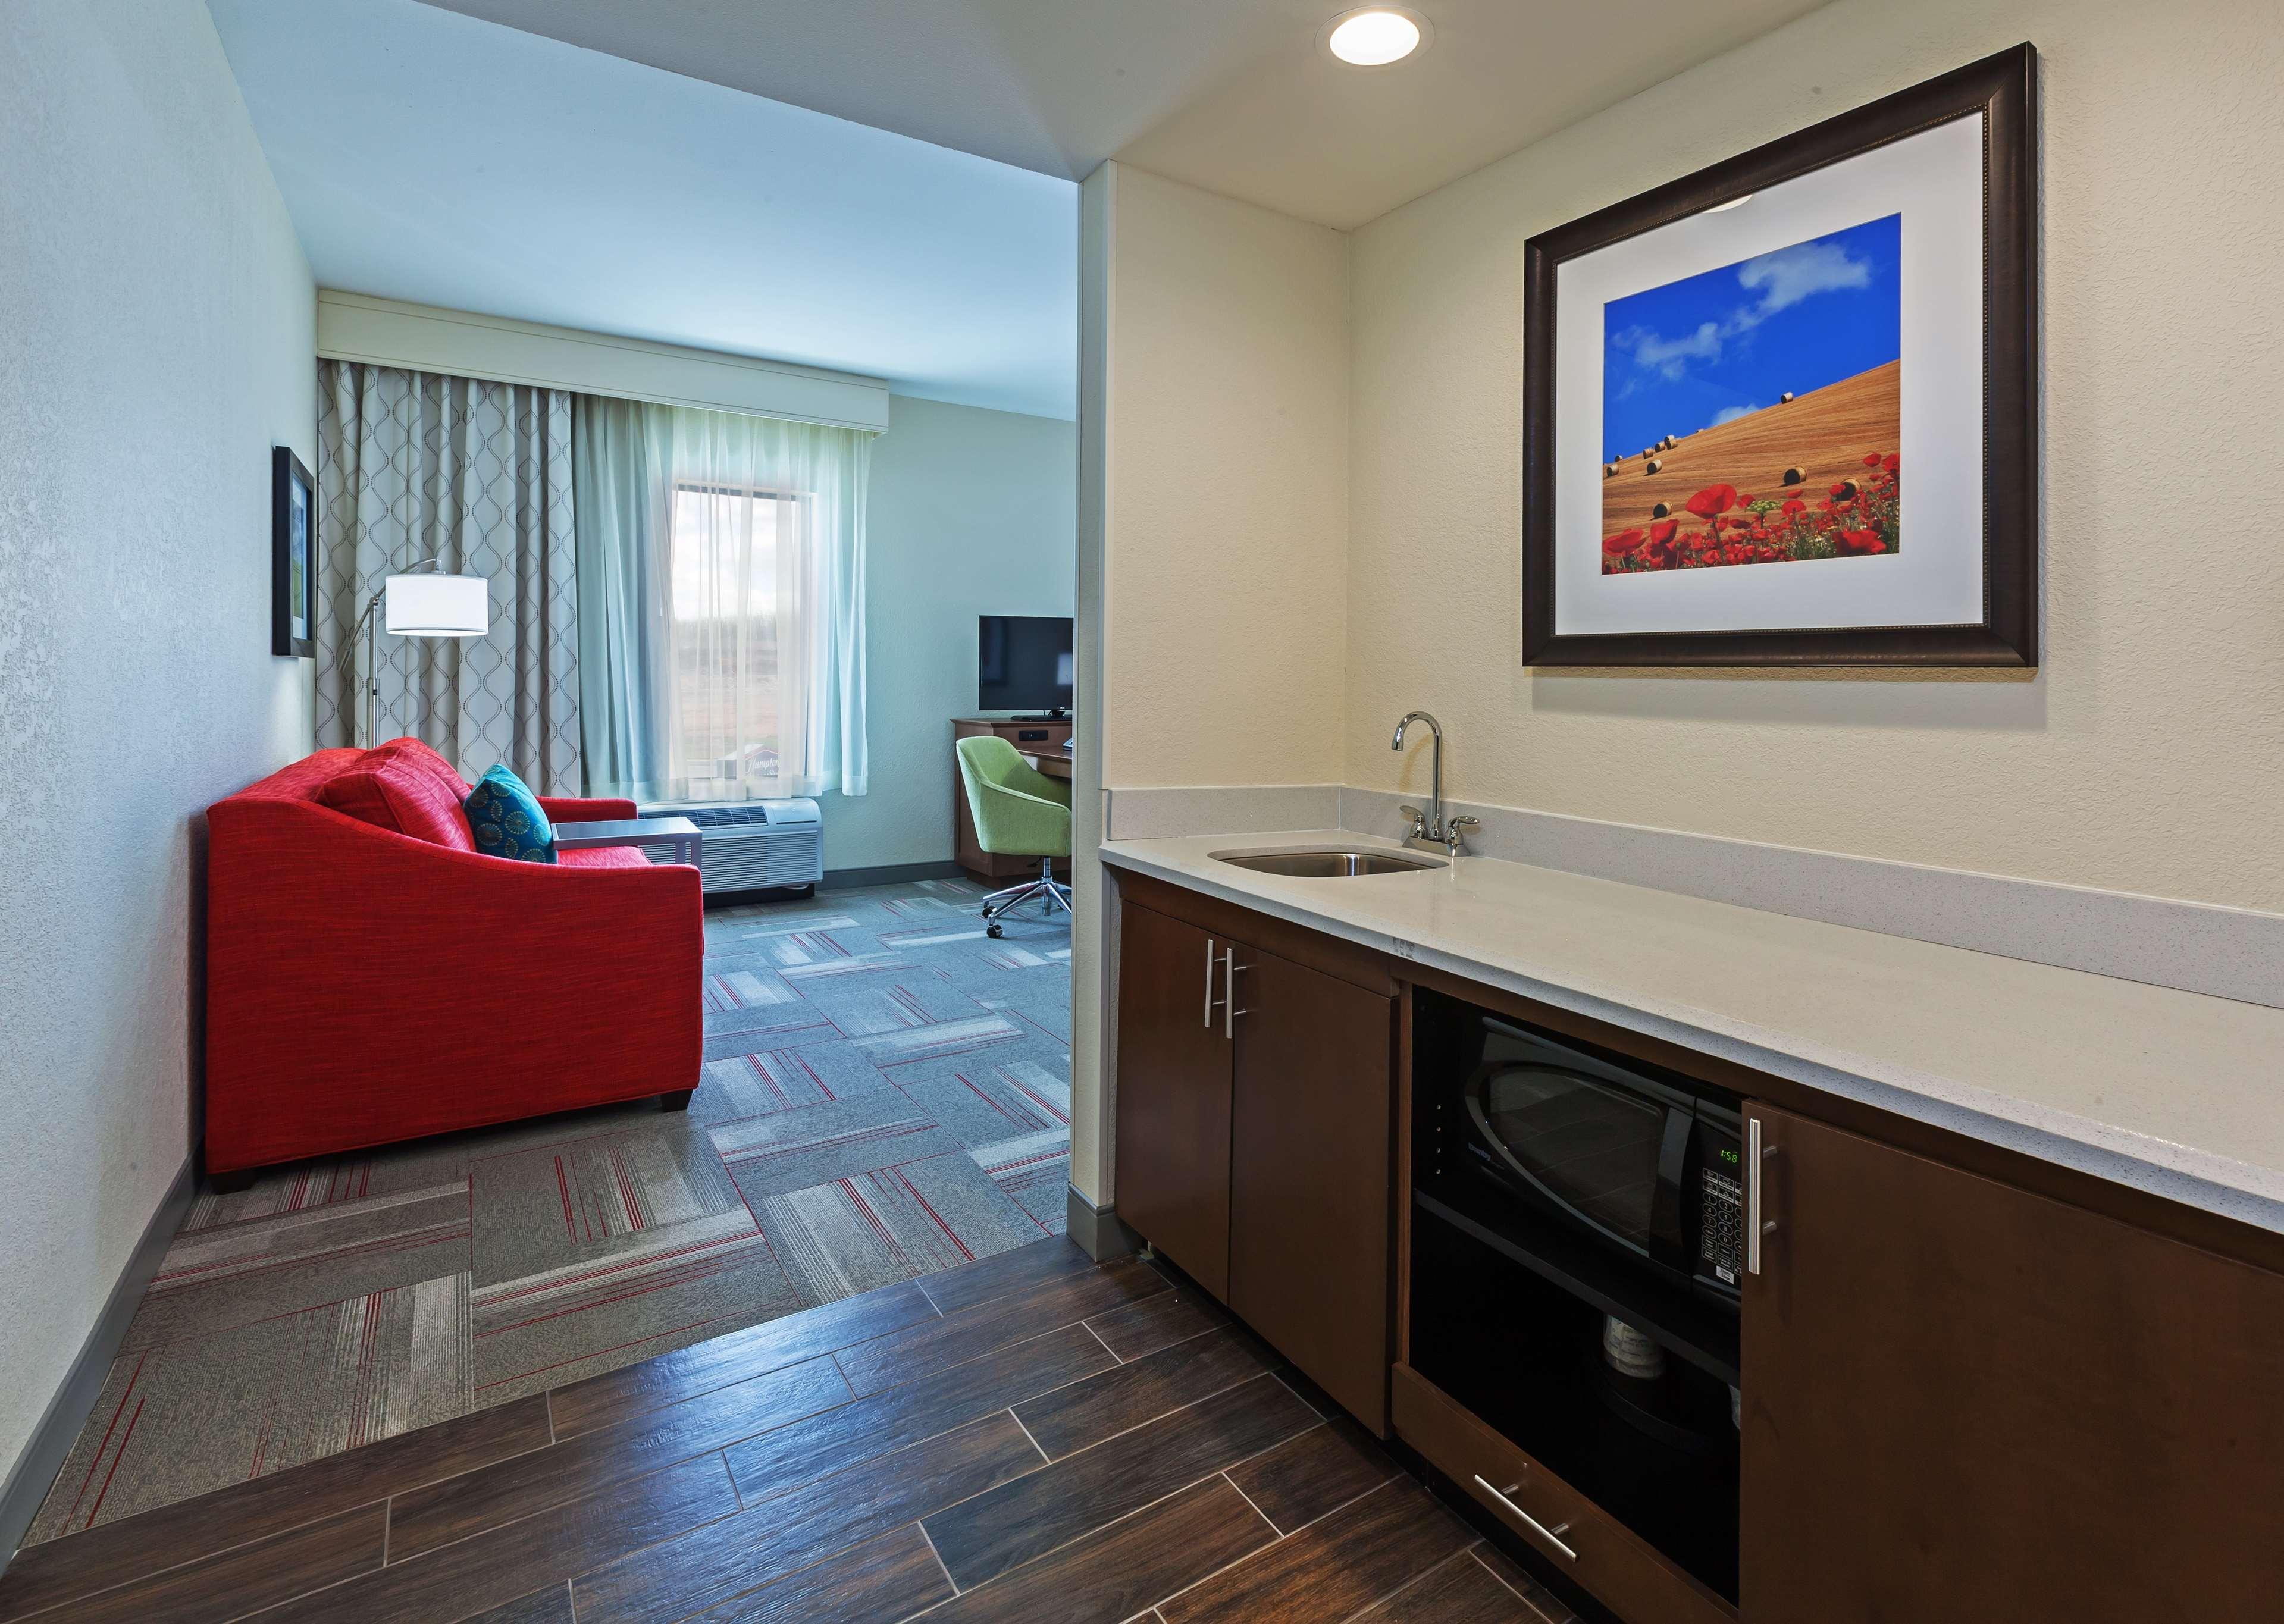 Hampton Inn & Suites Claremore image 17